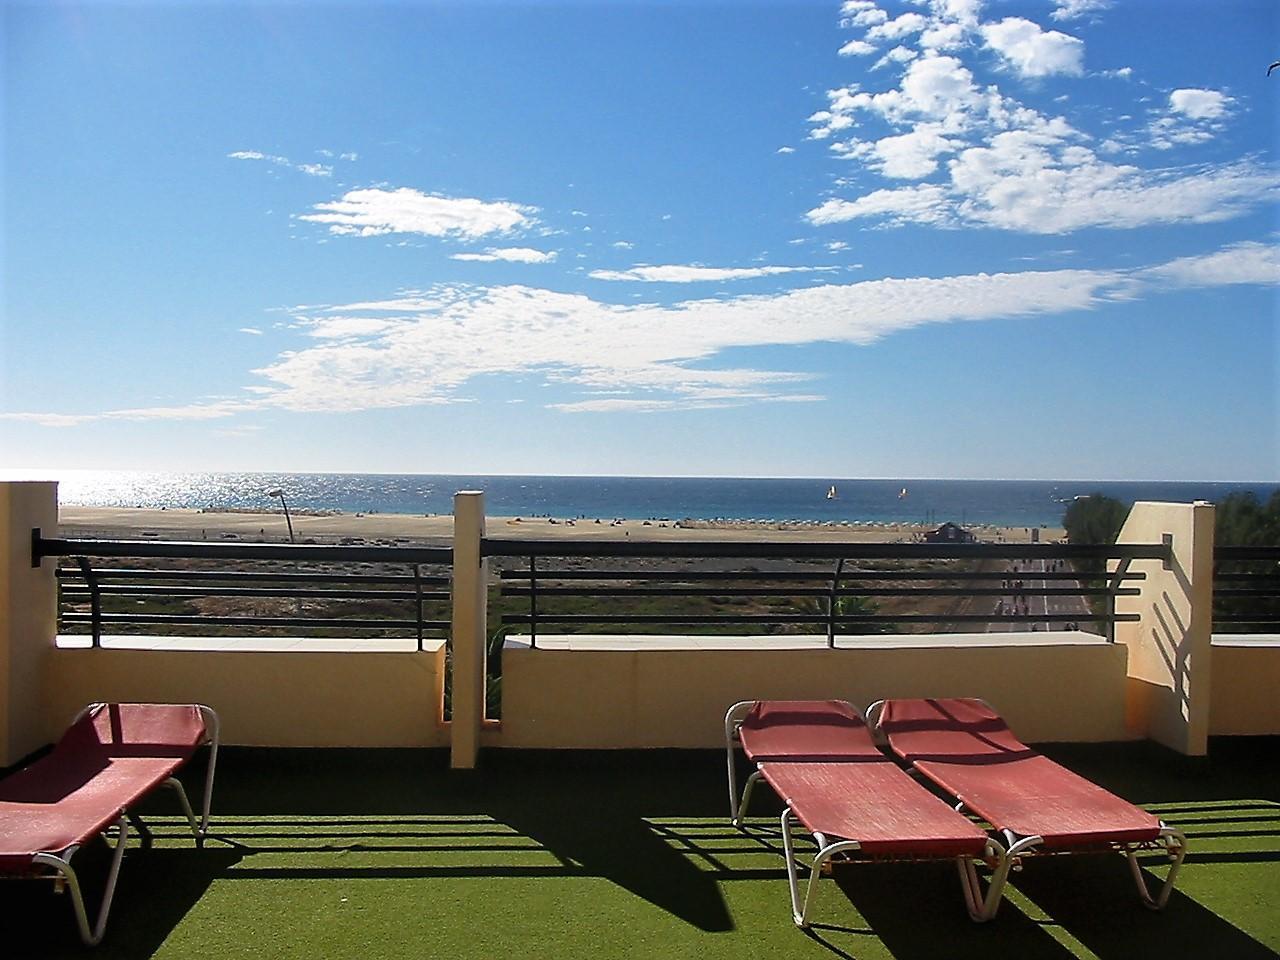 Ferienwohnung Apartment 2 / 4p am Strand und mit allen Dienstleistungen, mit Meerblick, Swimmingpools, a (487787), Morro Jable, Fuerteventura, Kanarische Inseln, Spanien, Bild 16